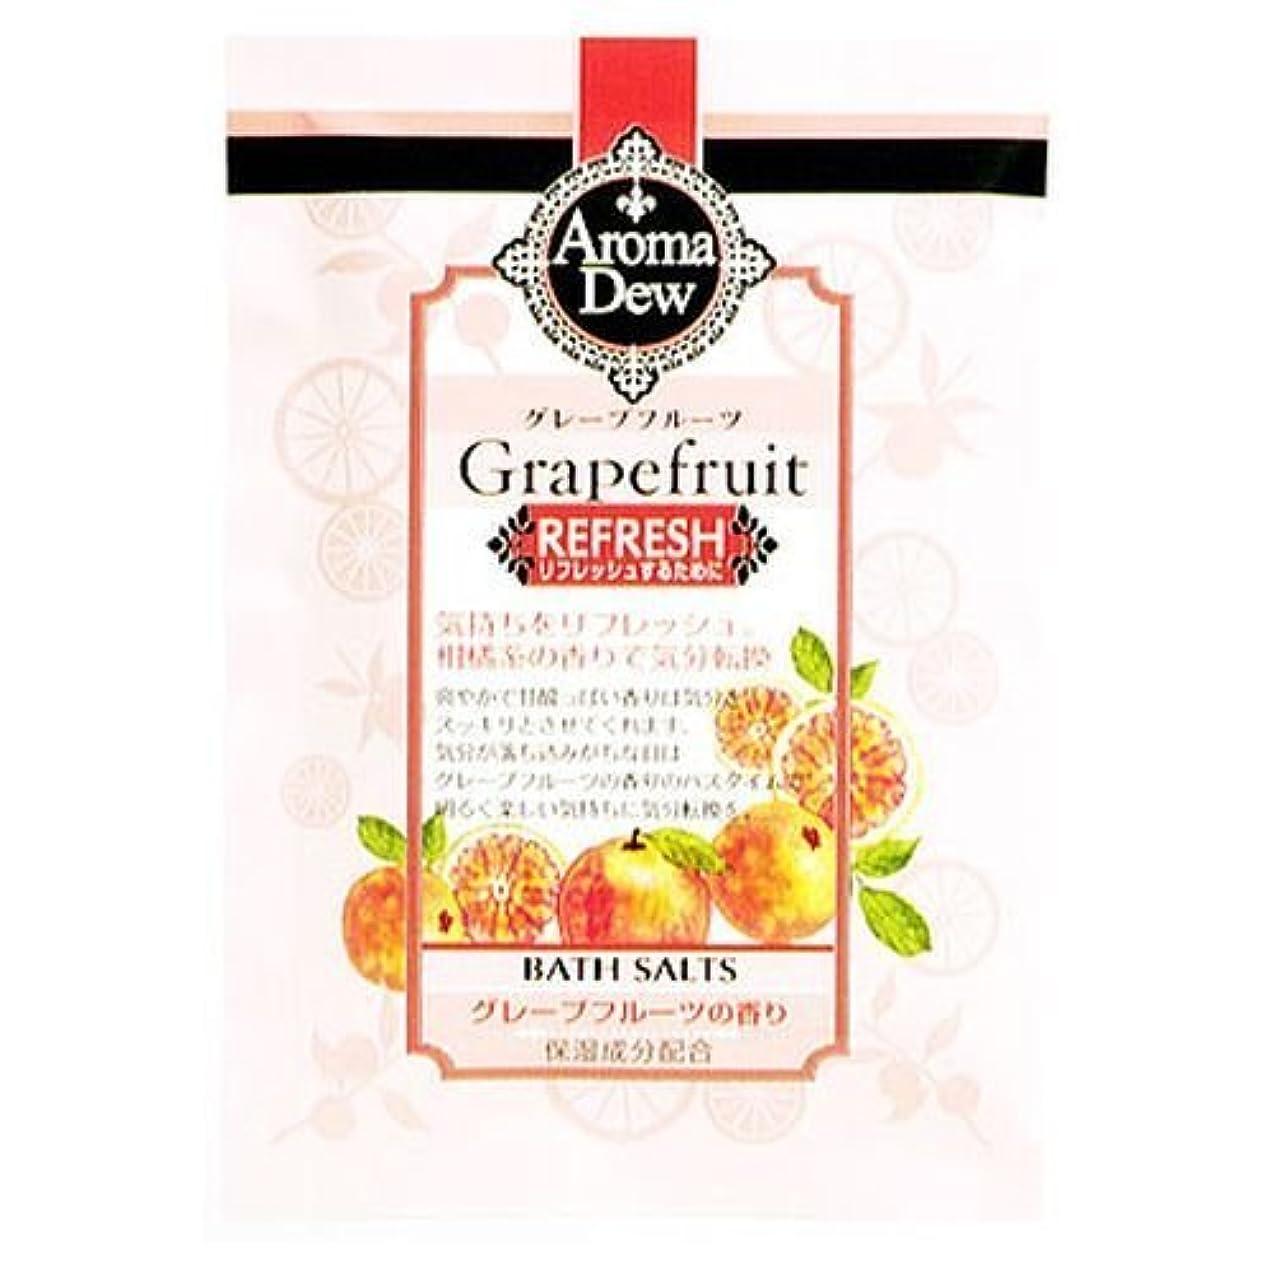 肉のシード消化クロバーコーポレーション アロマデュウ バスソルト グレープフルーツの香り グレープフルーツ